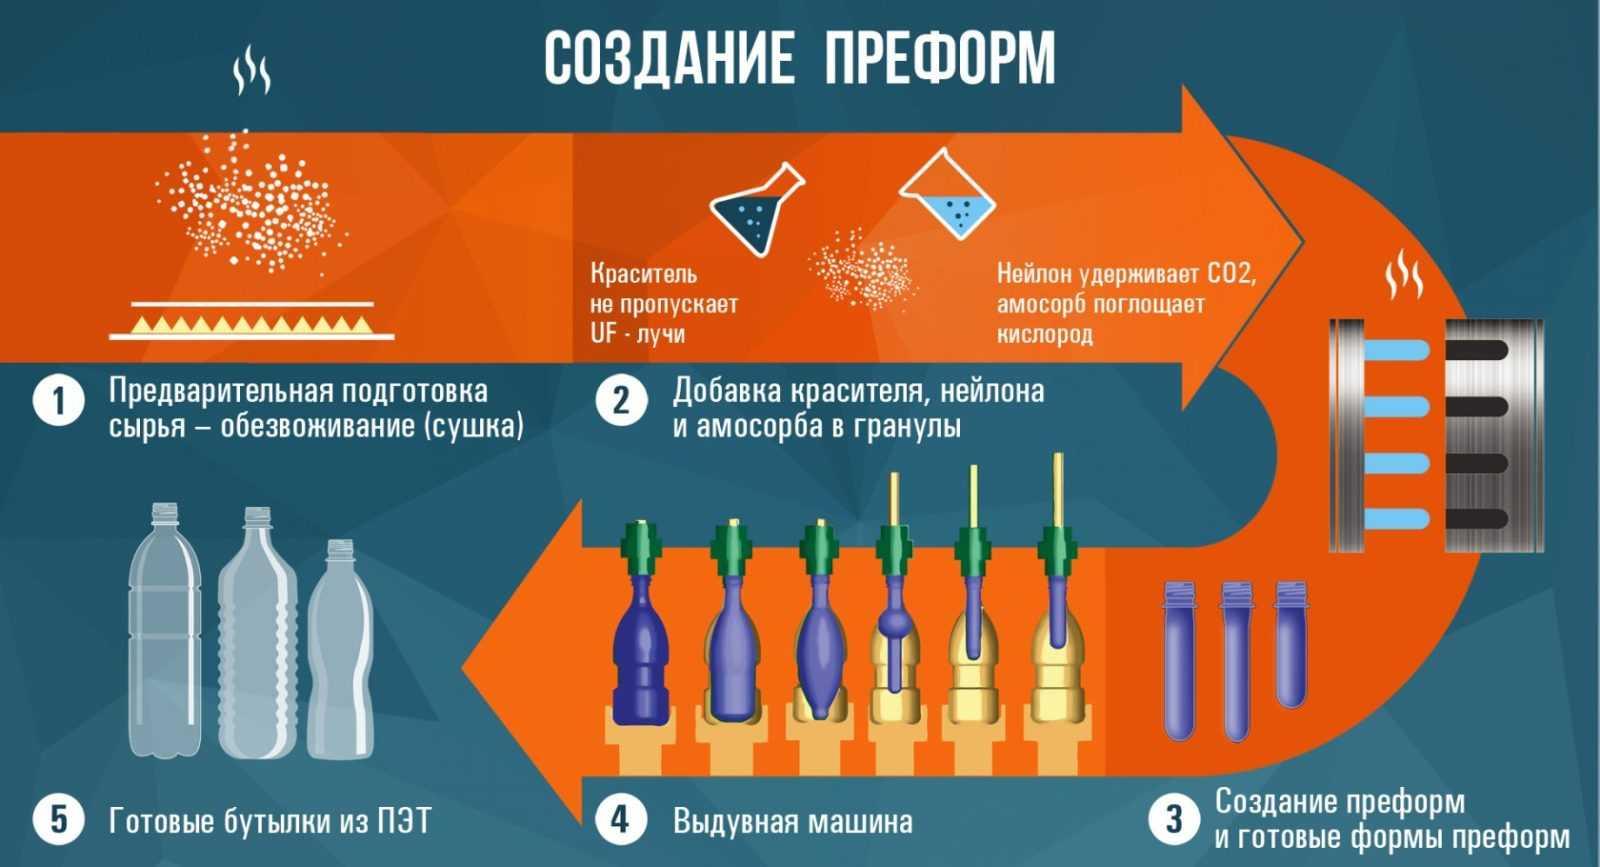 pochemu-plastikovye-butylki-luchshe-drugih-vidov-tary-maloizvestnye-fakty-o-pet-kotorye-vas-udivyat-3